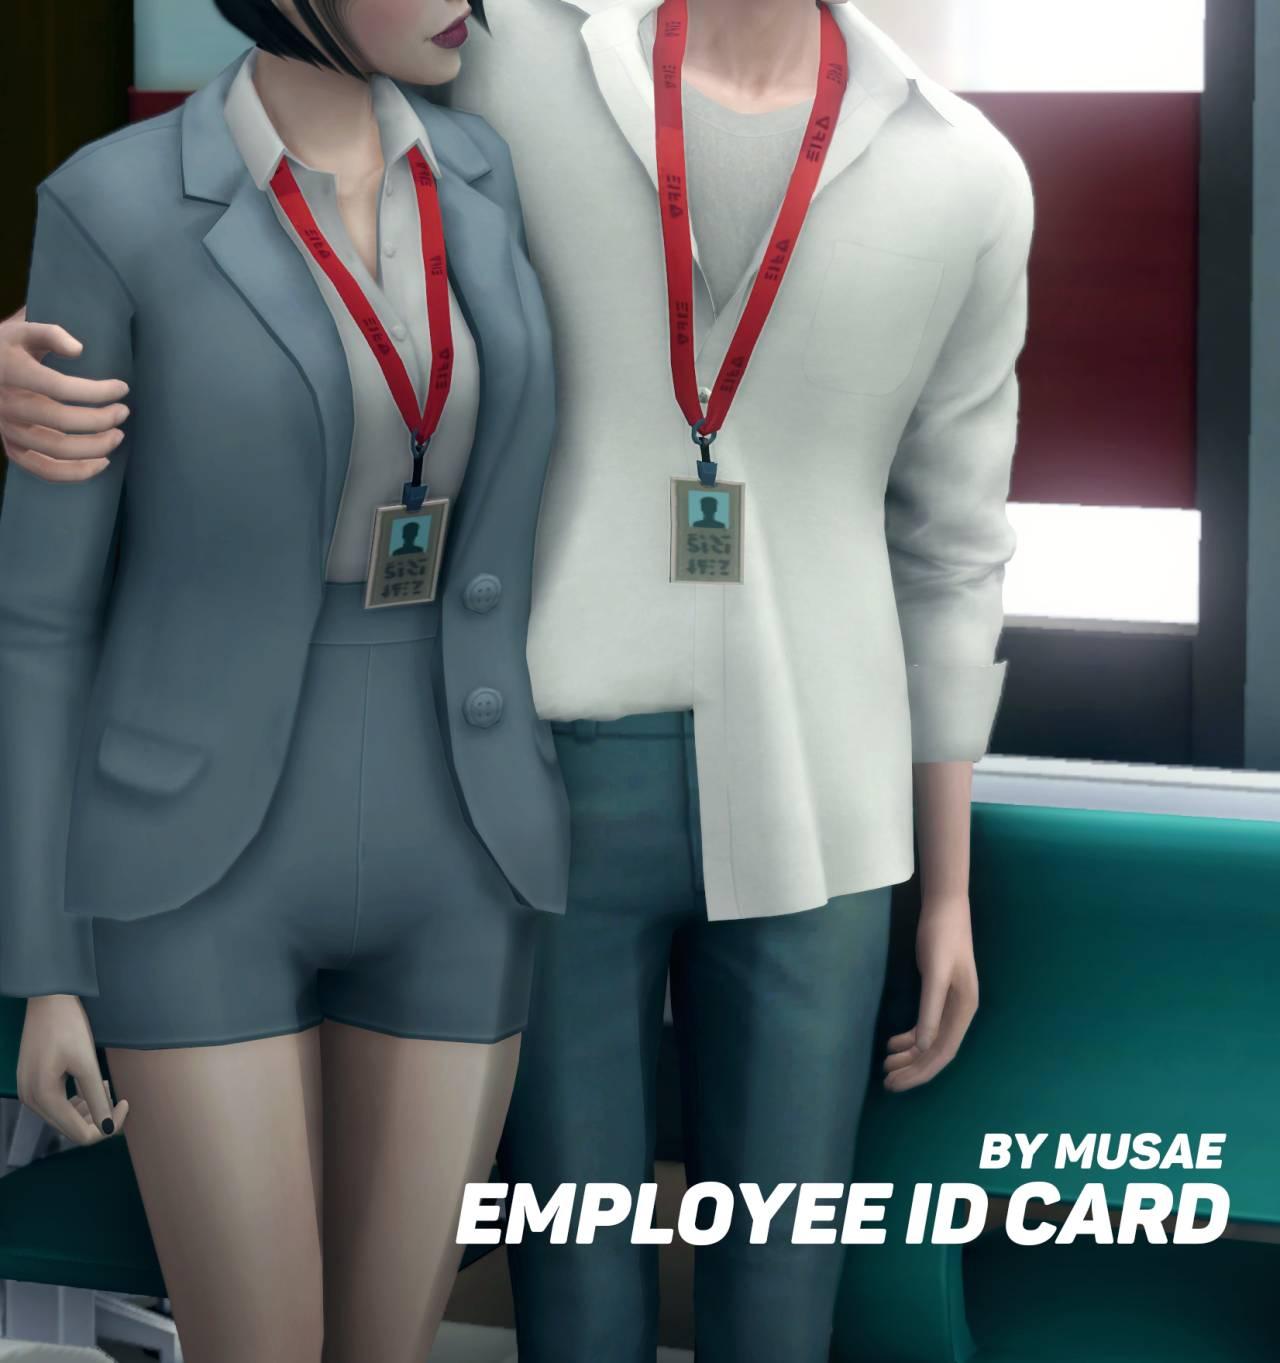 Удостоверение личности - Employee ID card